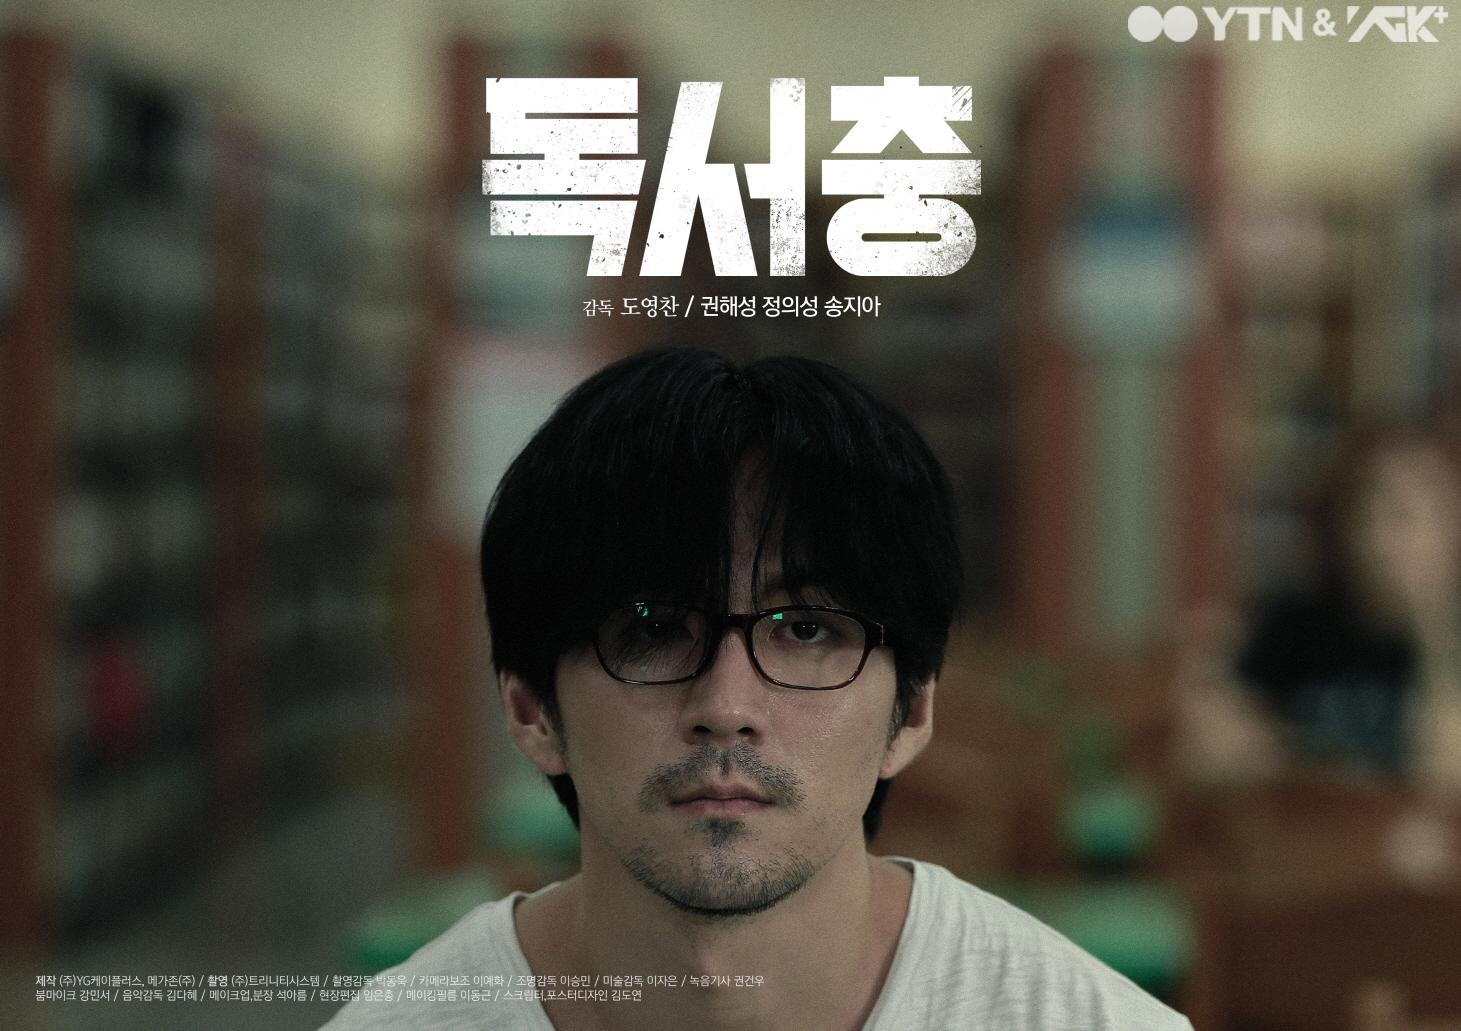 YG케이플러스에서 제작한 웹무비 '독서충' 공개!